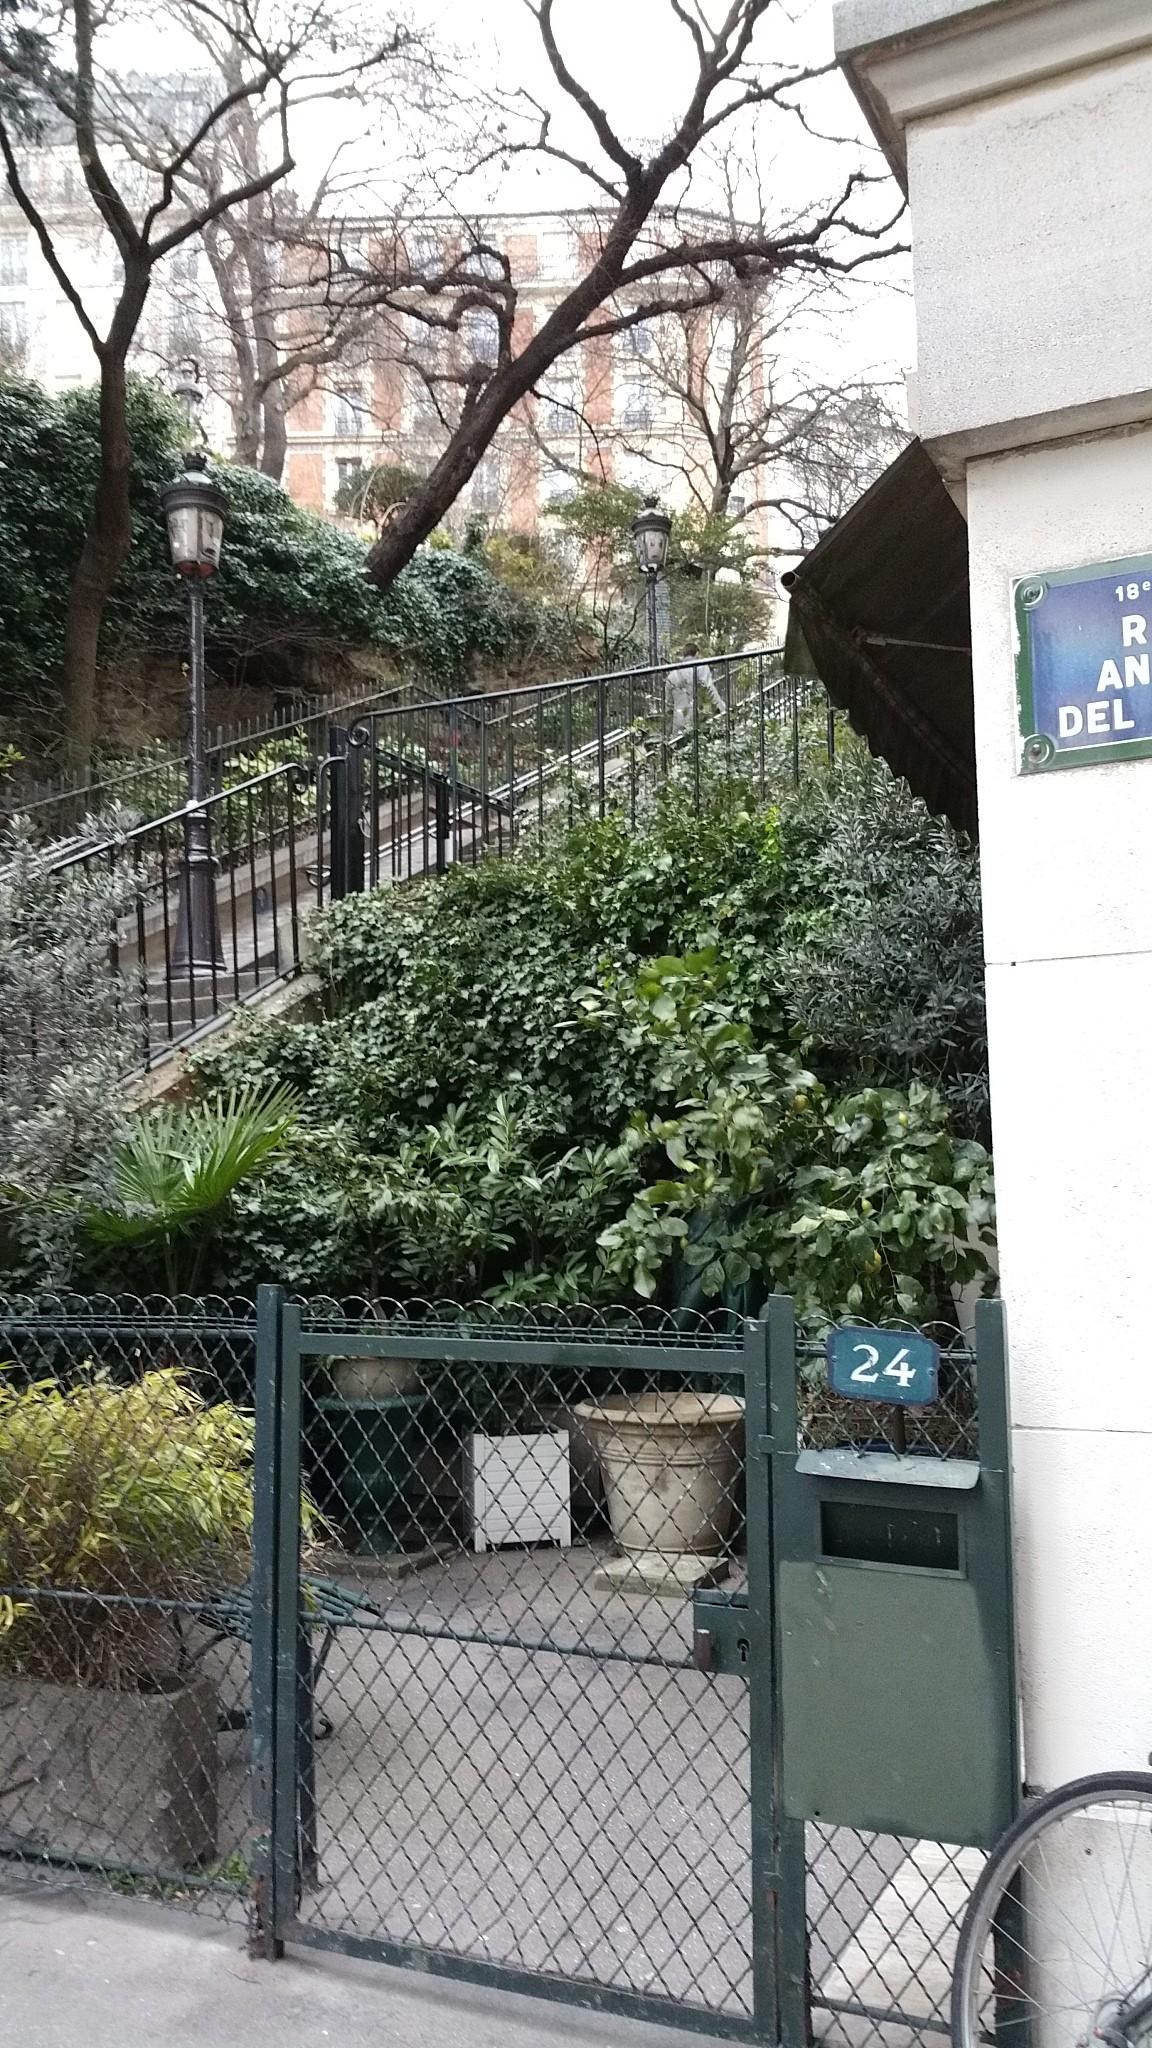 steps rue andre del sartre